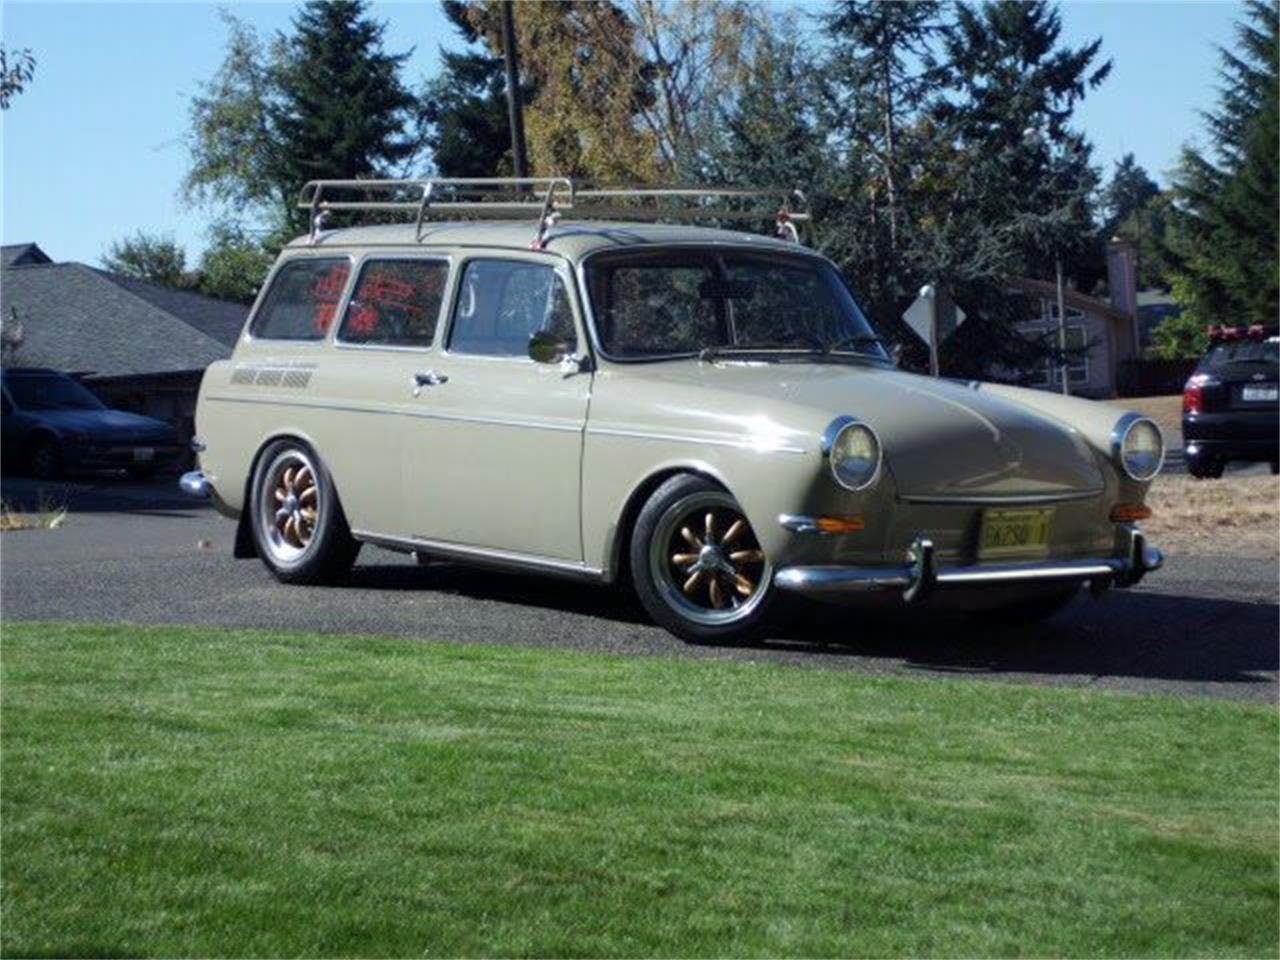 For Sale: 1967 Volkswagen Squareback in Cadillac, Michigan